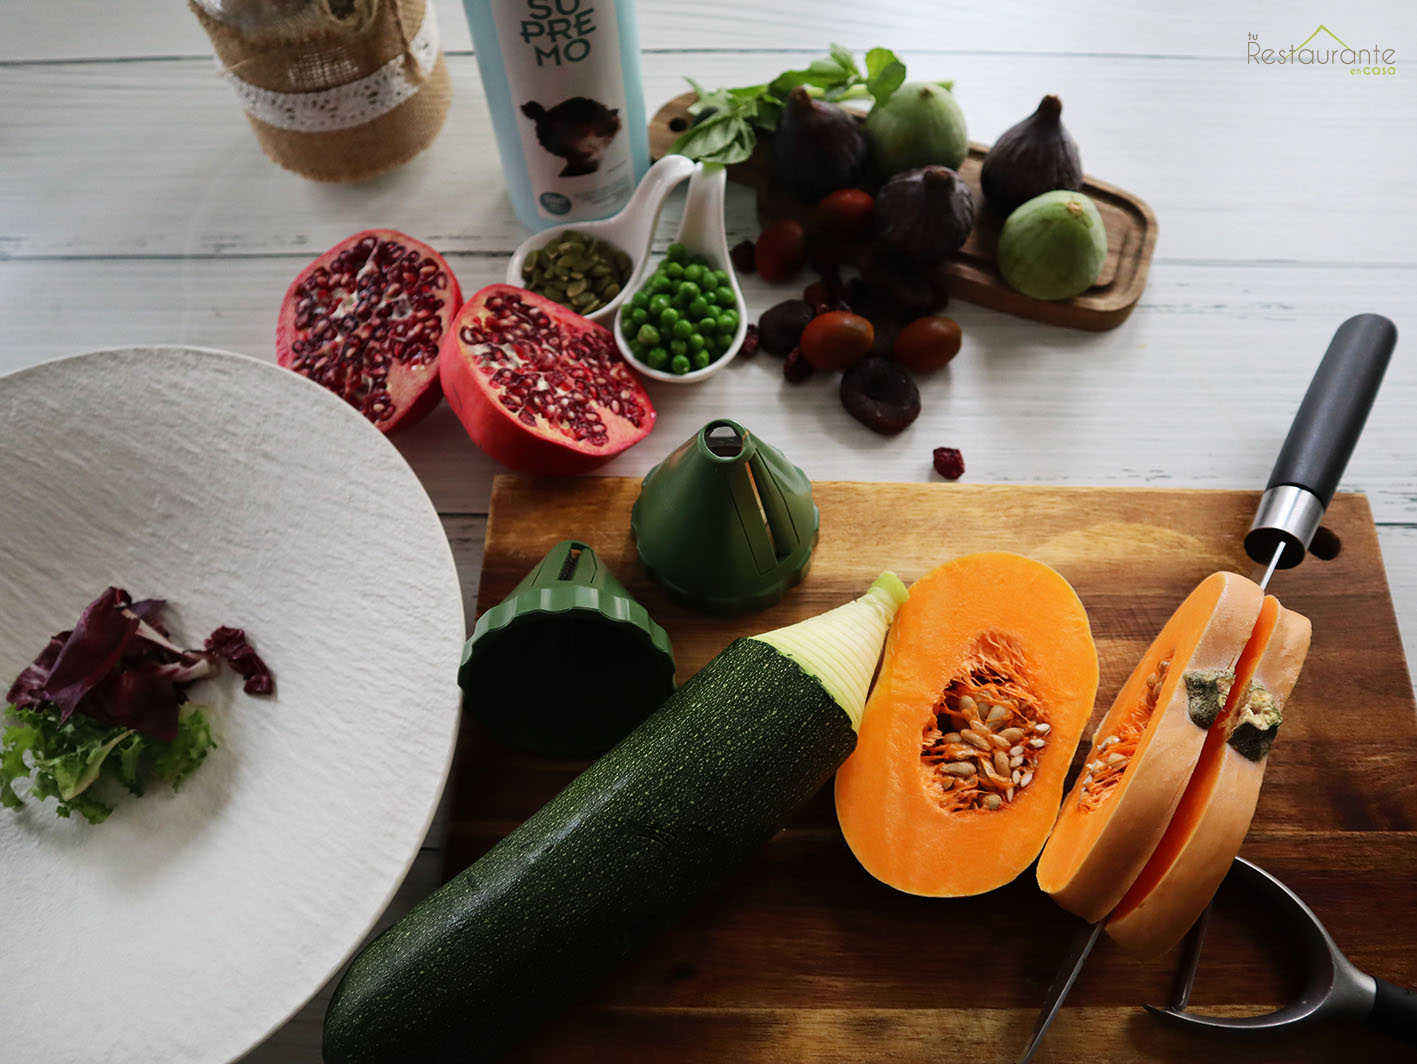 ingredientes - tu restaurante en casa